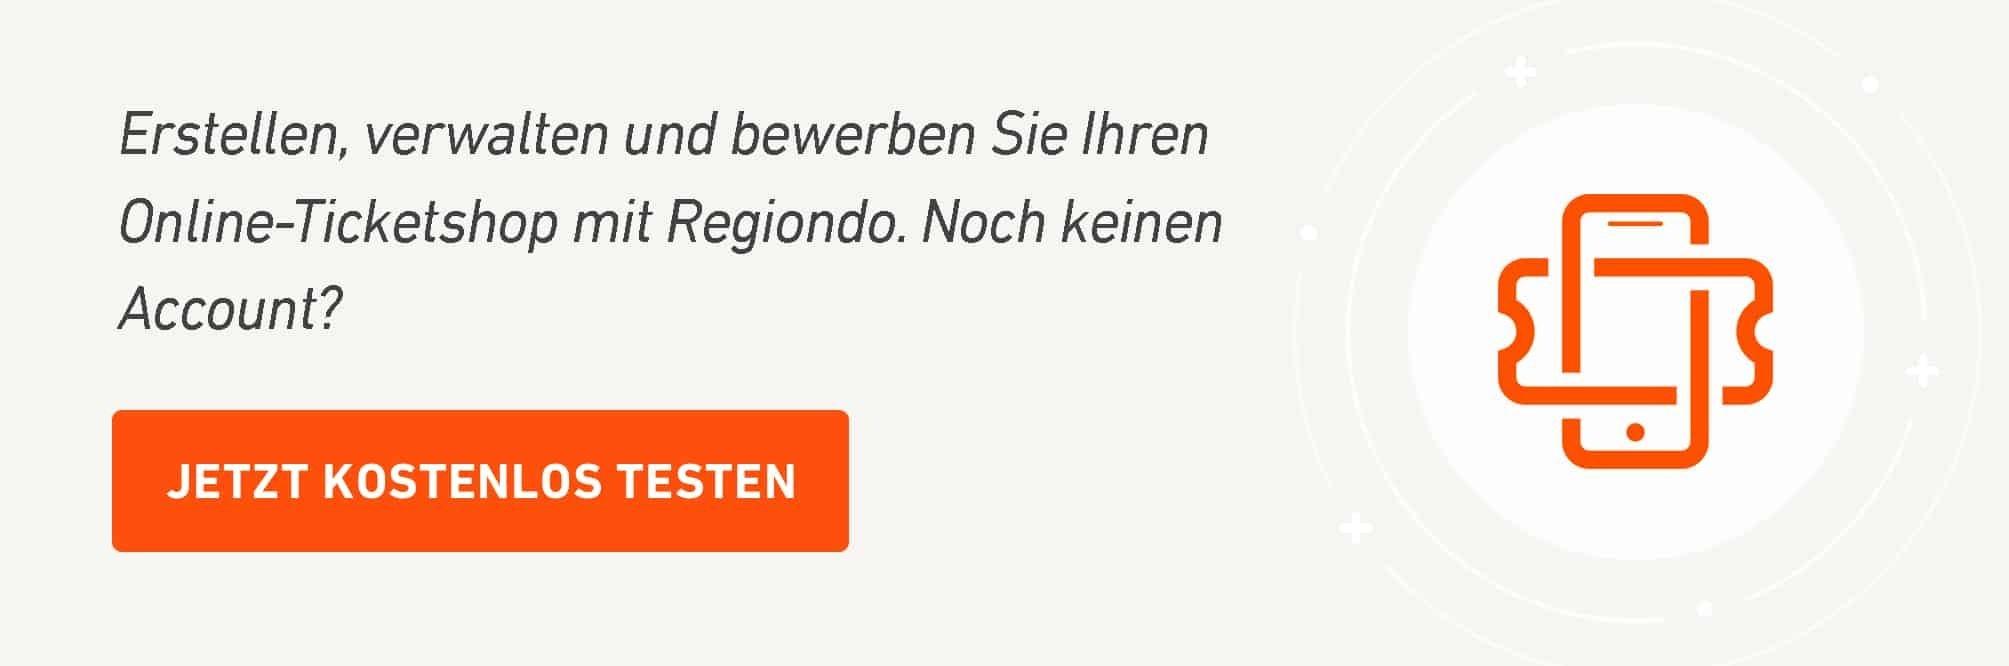 Kooperation_Regiondo_und_Geschenkidee_Free_Trial_Banner